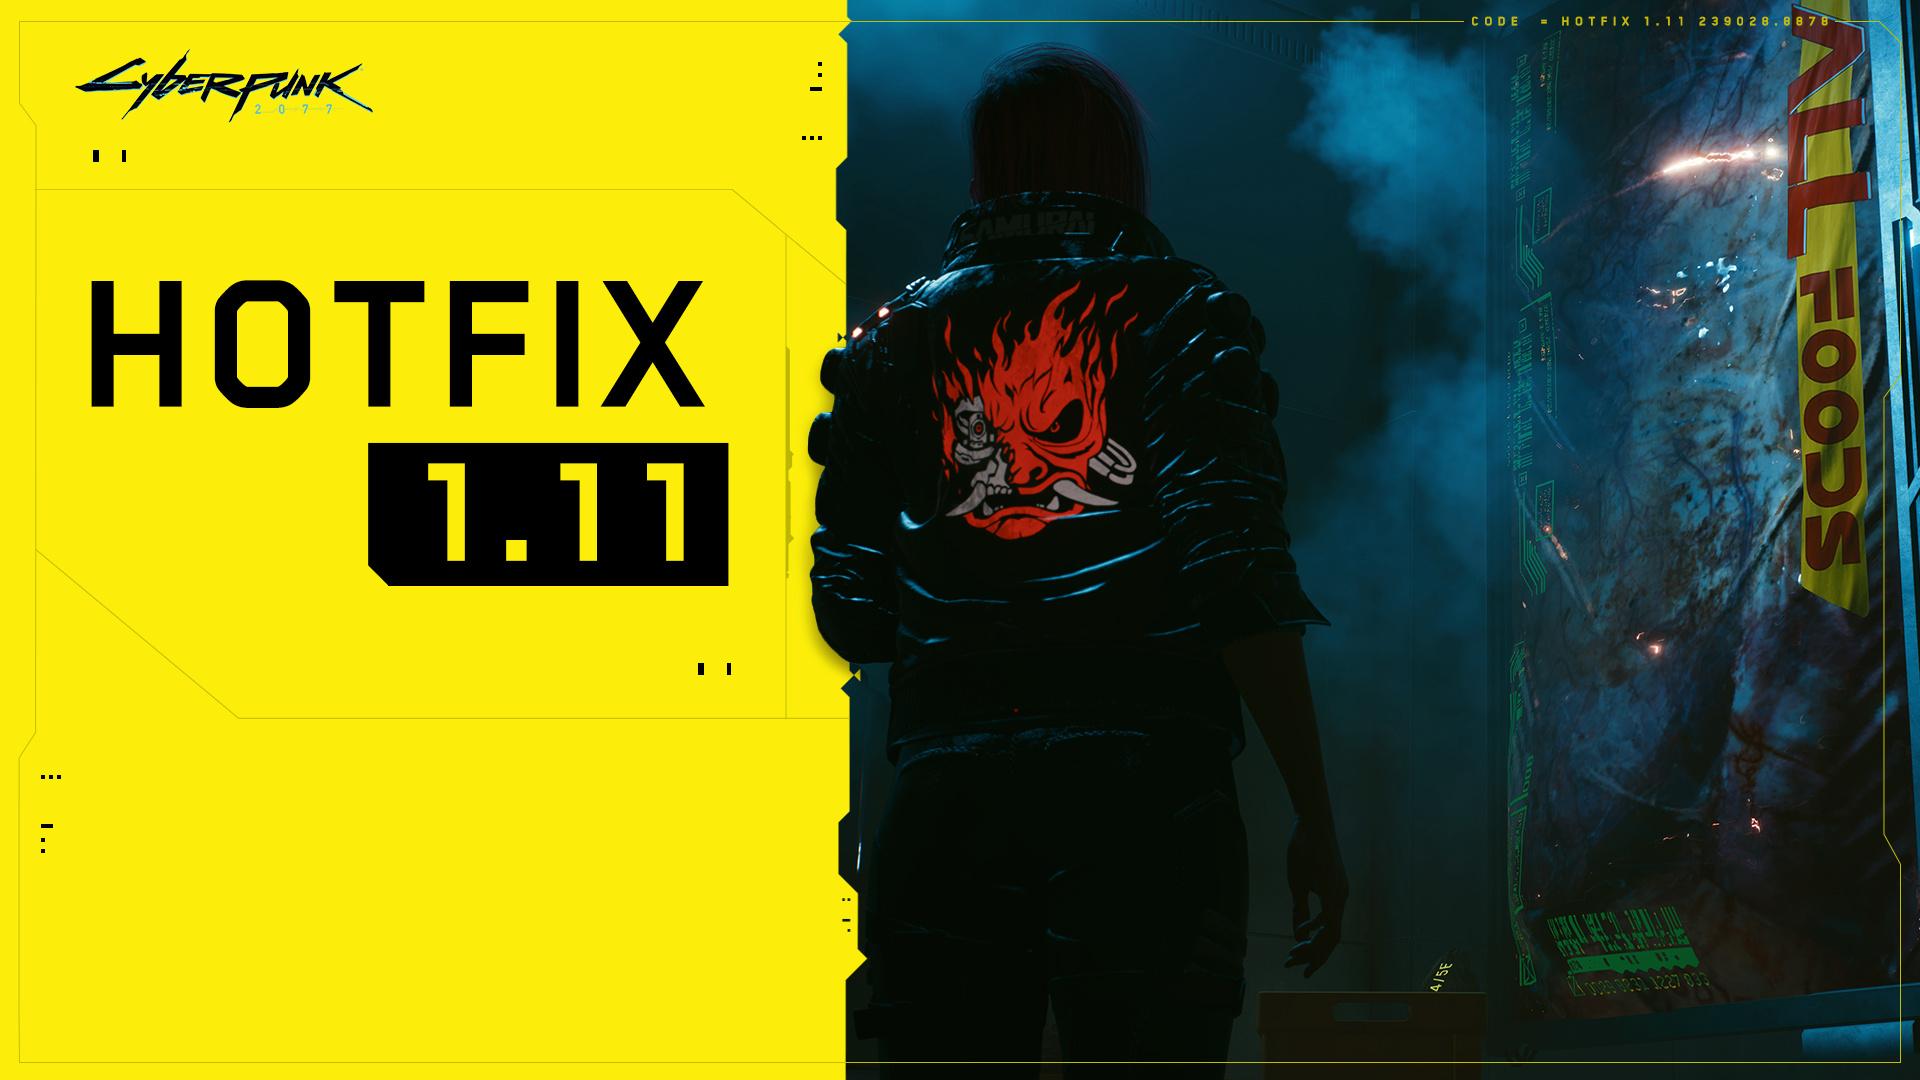 Для Cyberpunk 2077 выпустили хотфикс1.11 с исправлением критического бага